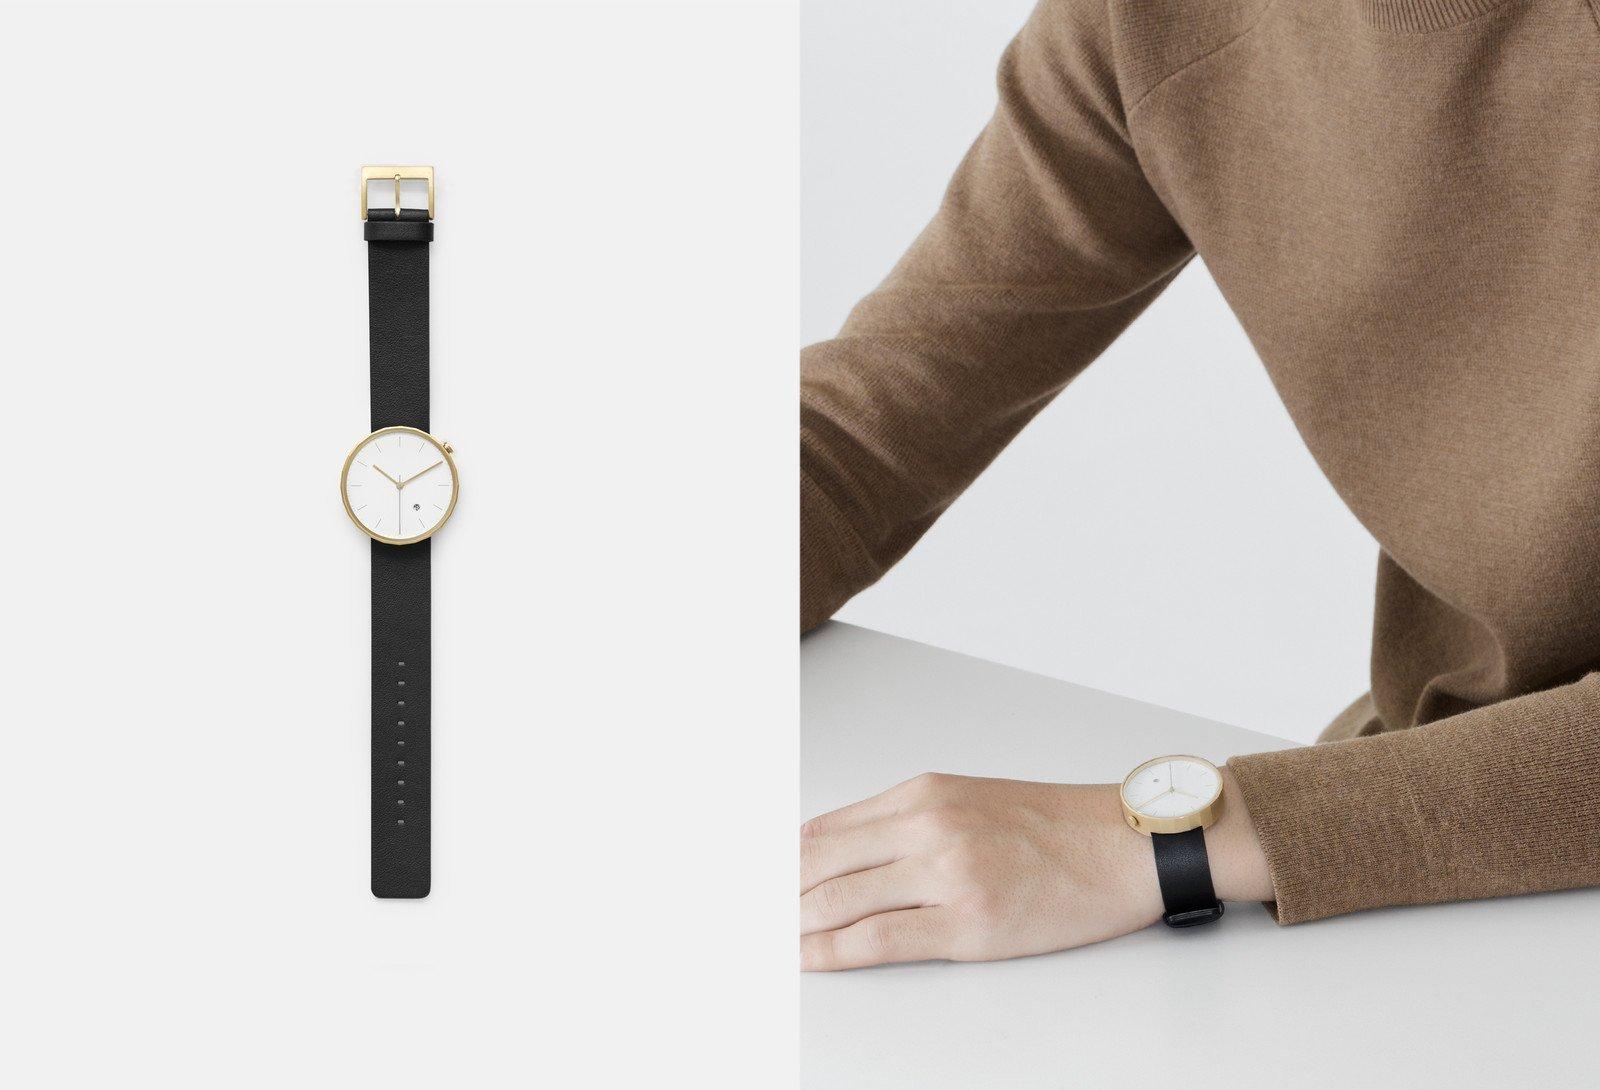 海外で人気!日本初上陸!chiandchi(チーアンドチー)腕時計がギフトにもおすすめ!